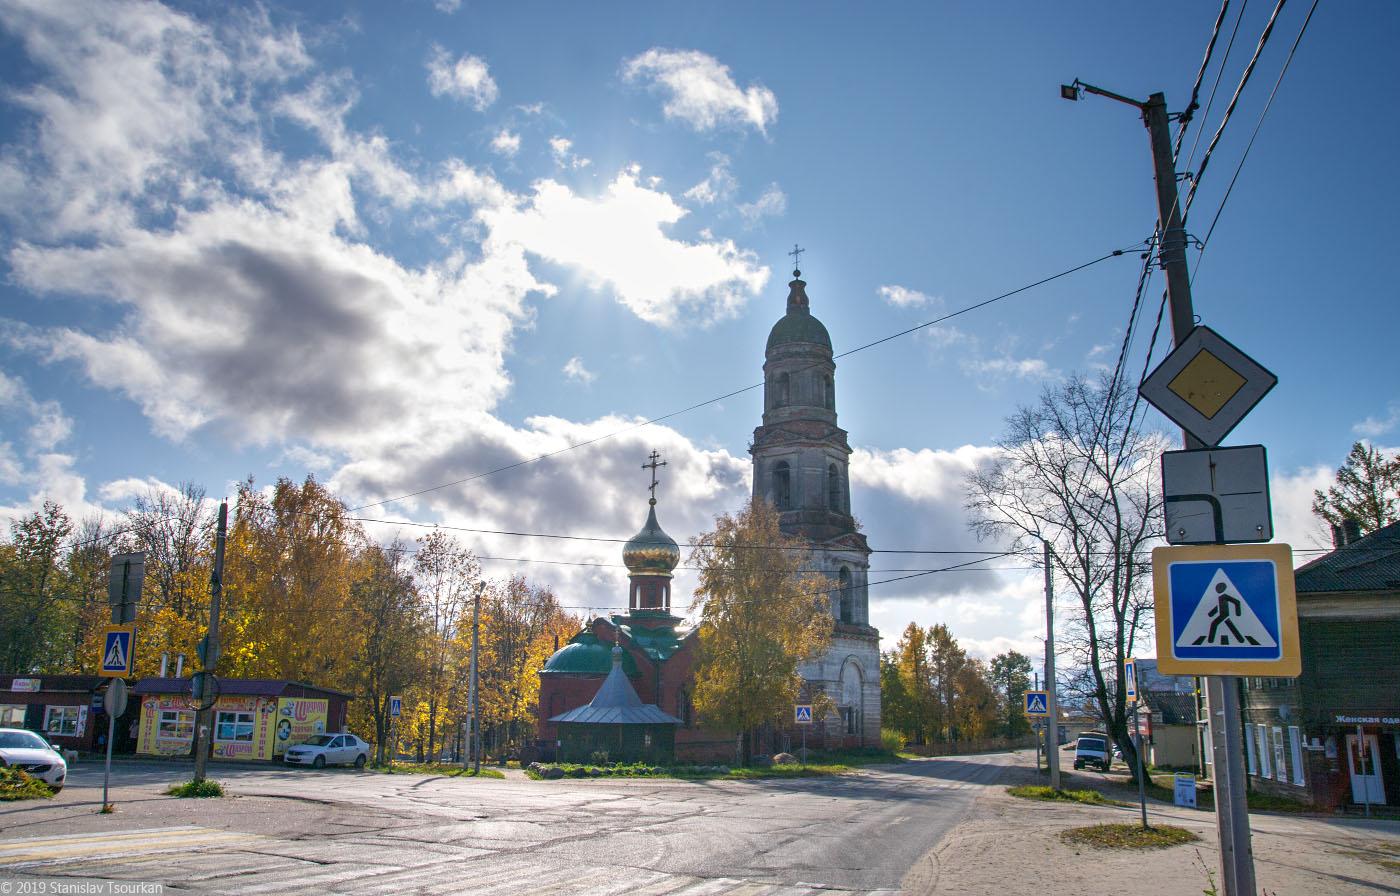 Троицкая церковь, Троицкая часовня, колокольня Троицкого собора, Красный холм